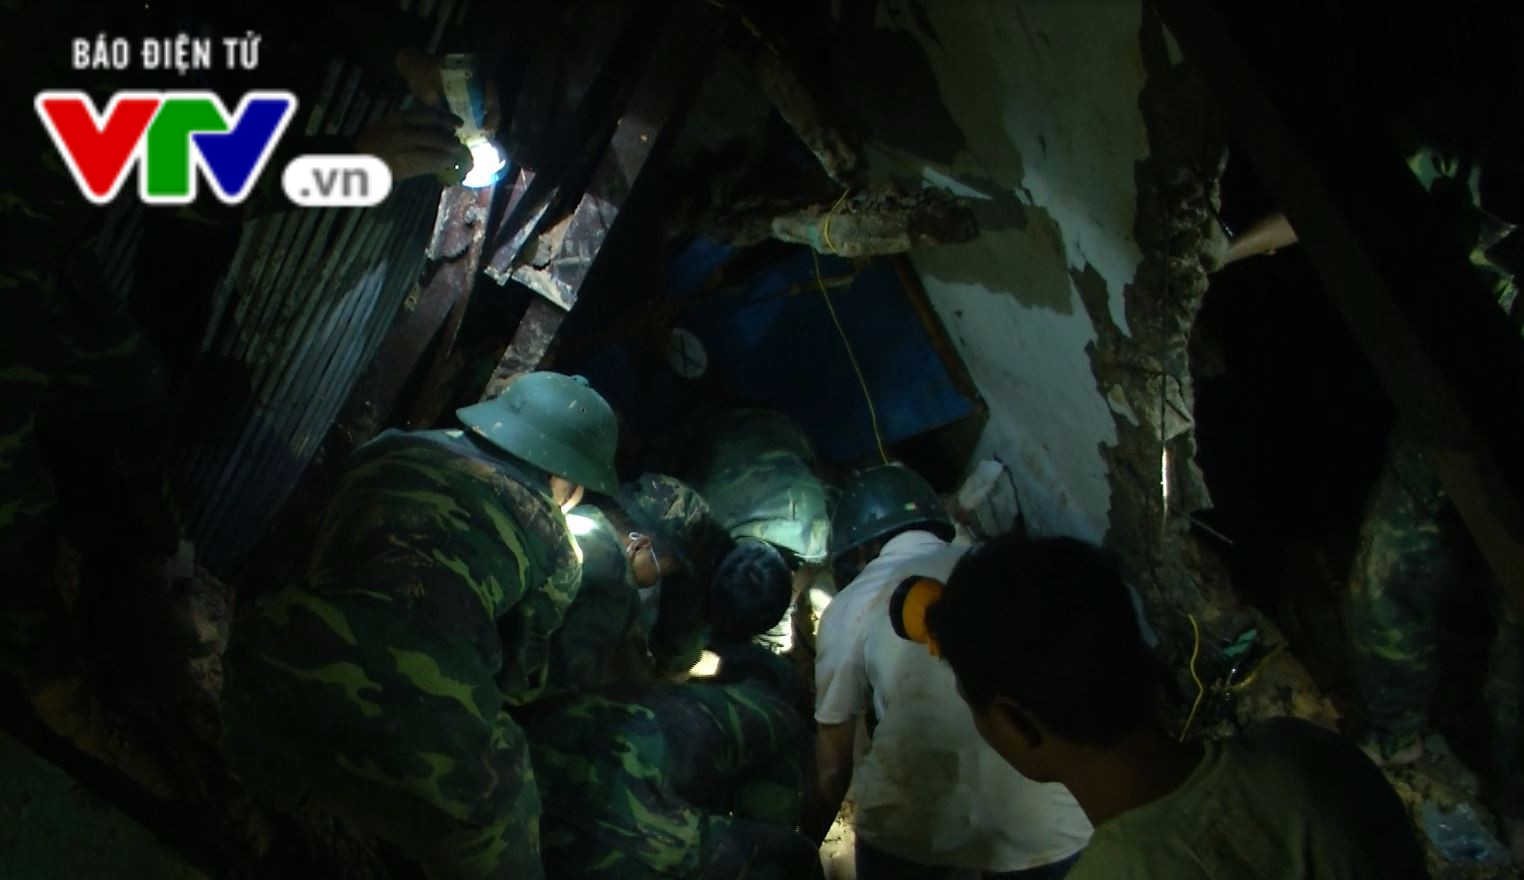 Quảng Nam: Tìm thấy thi thể 2 công nhân bị sạt lở núi vùi lấp - Ảnh 4.